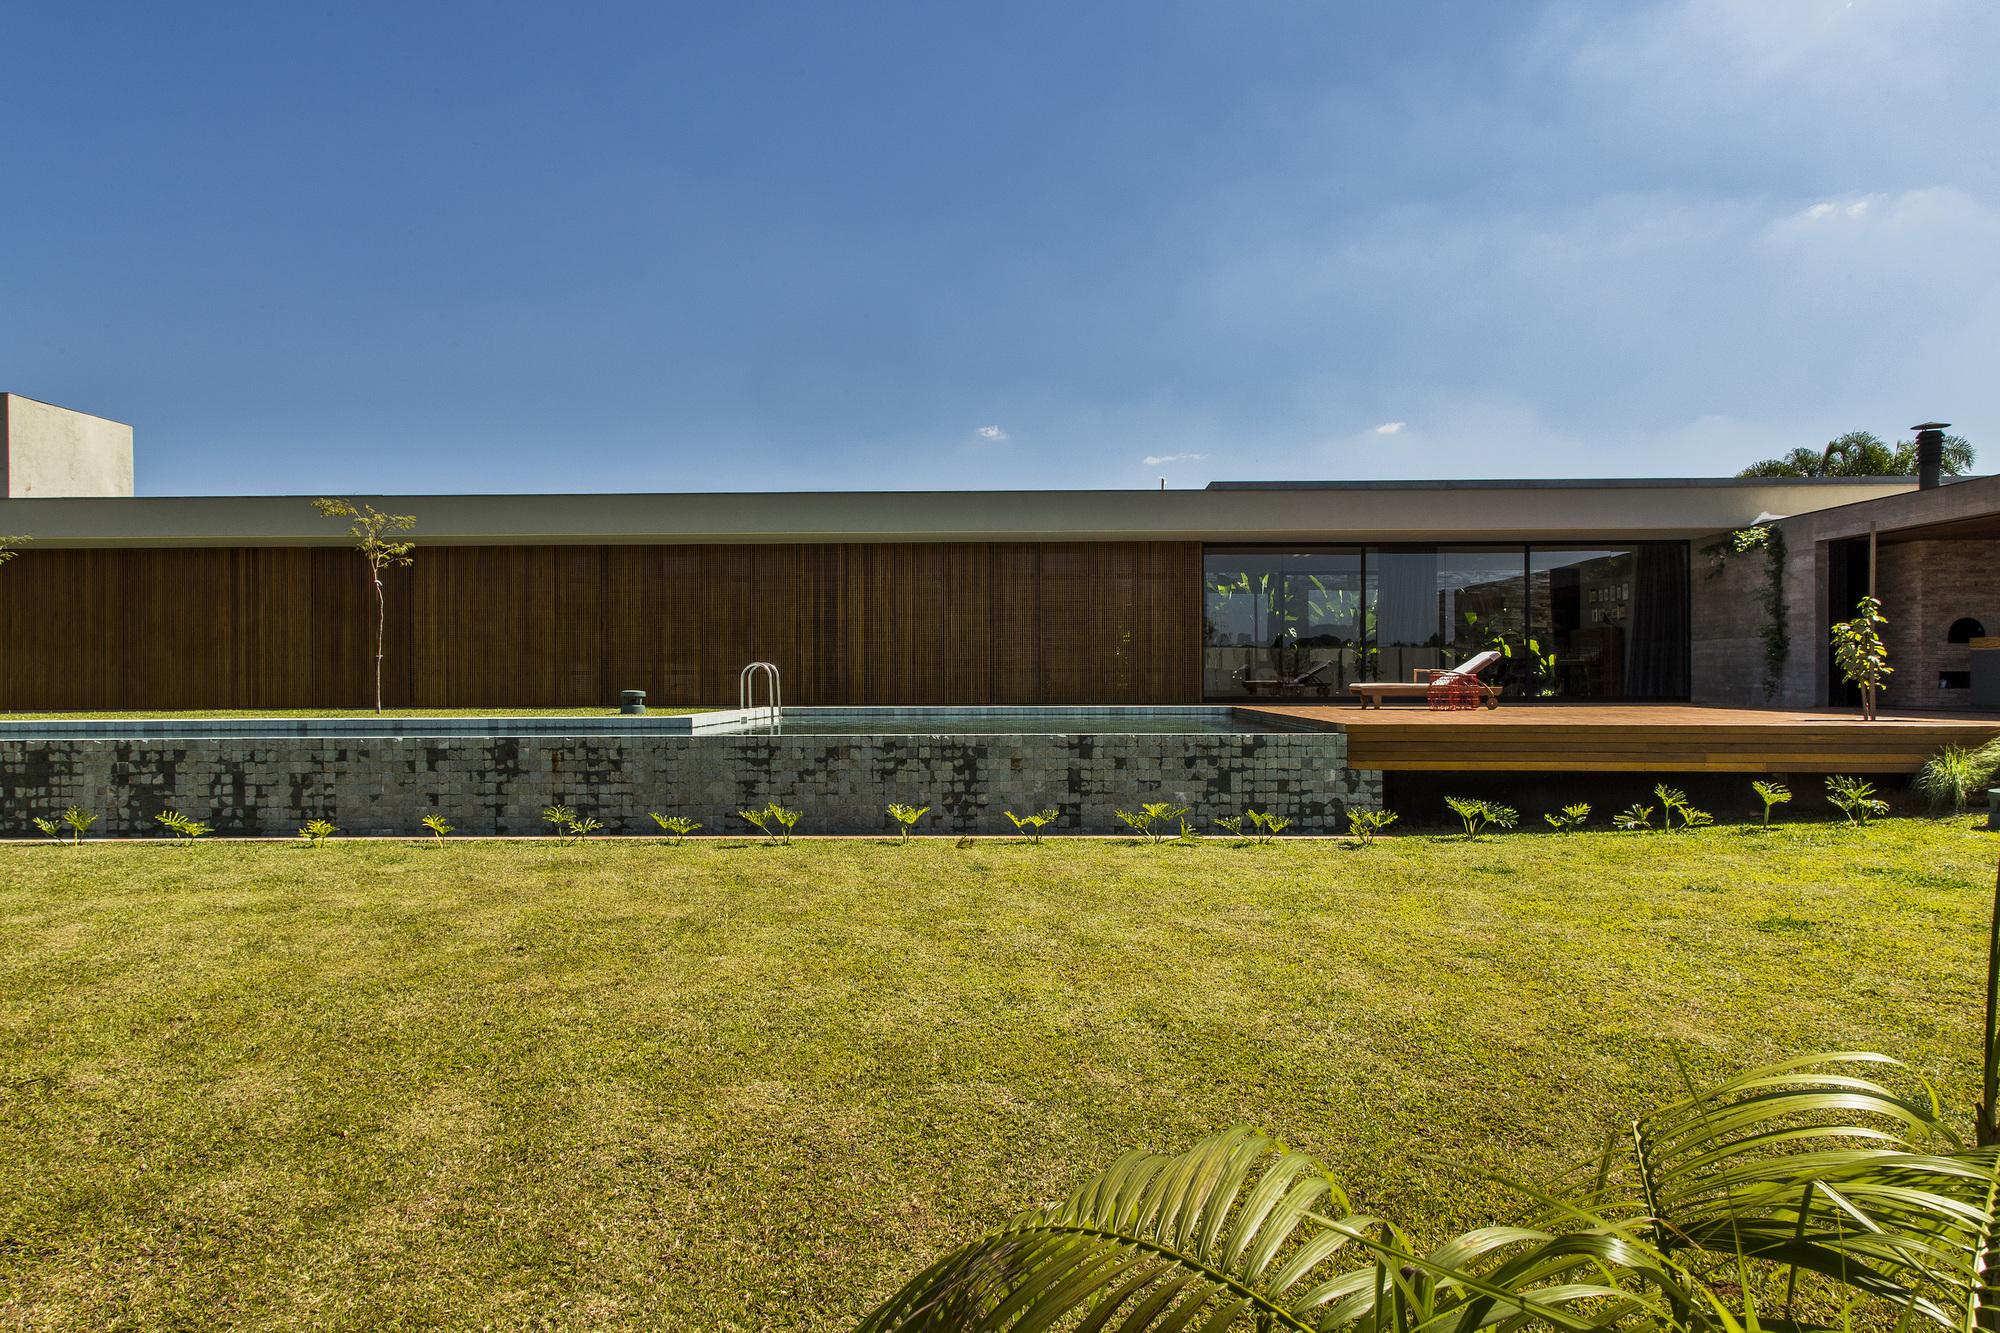 Galeria de casa mcny mf arquitetos 7 - Maison brooklin sao paulo galeria arquitetos ...